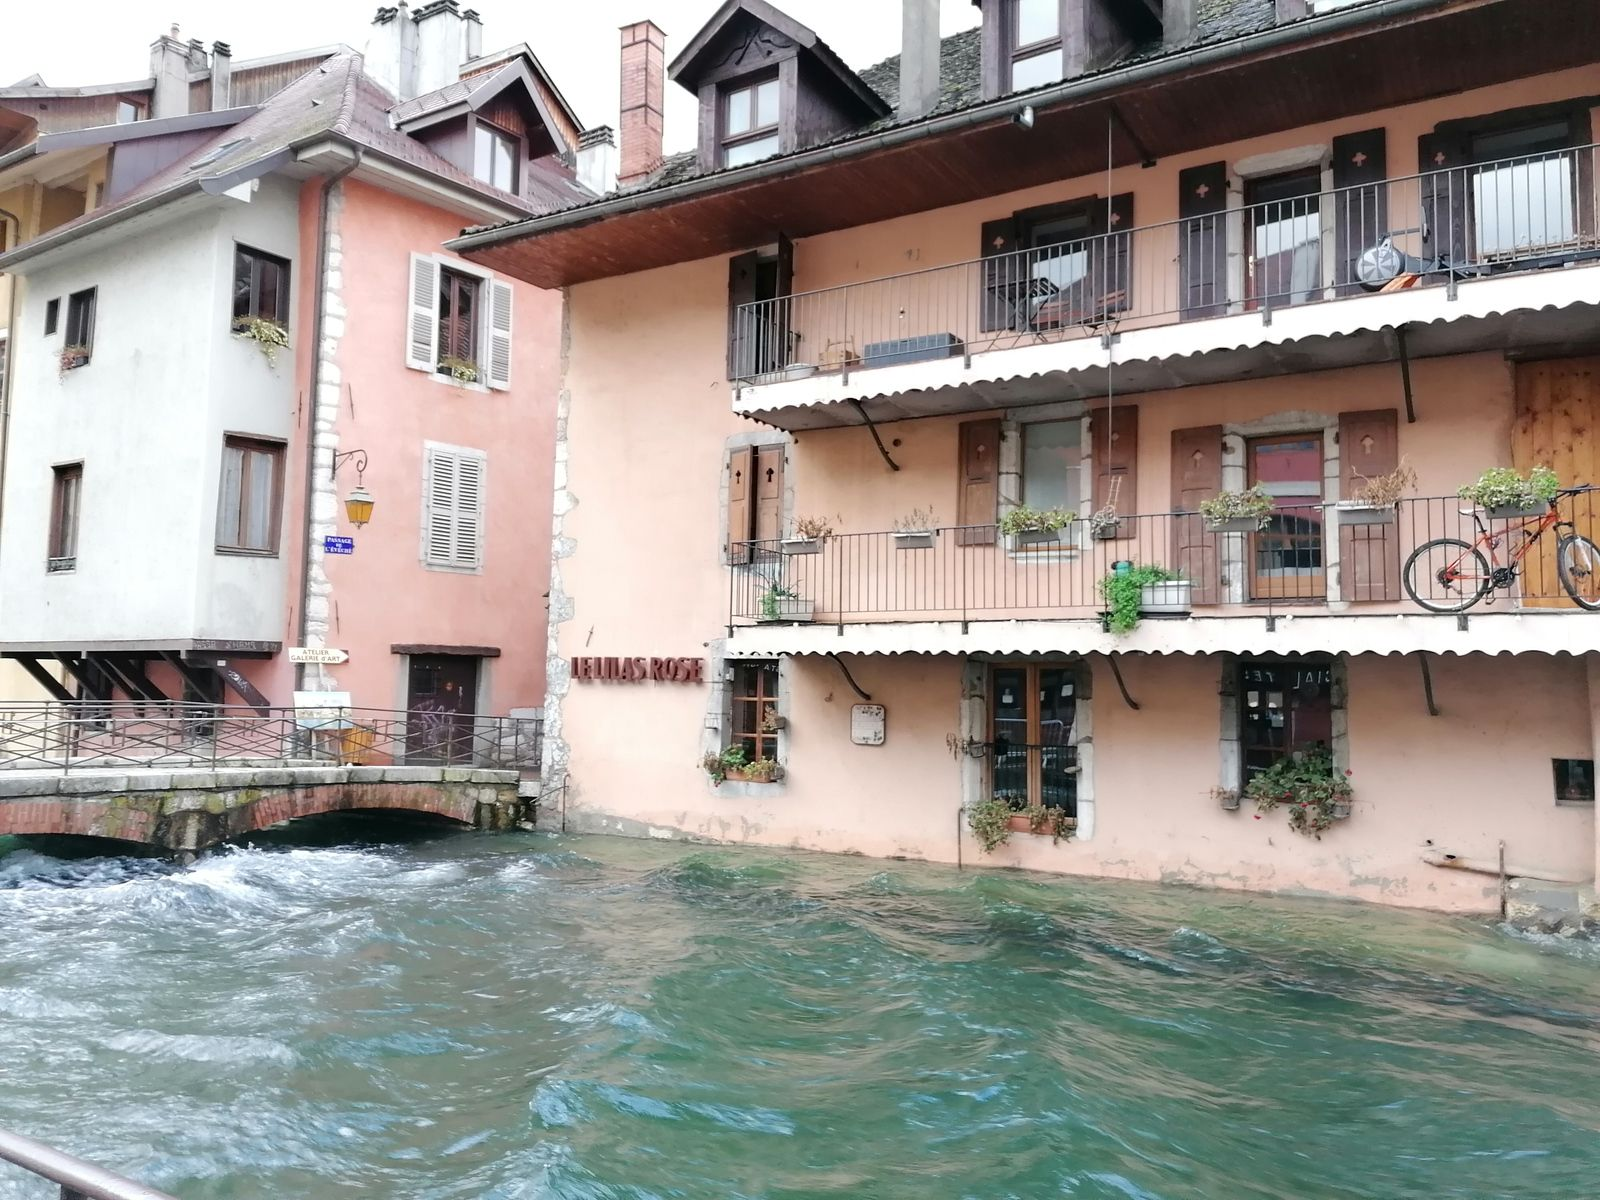 Que d'eau, que d'eau à Annecy...